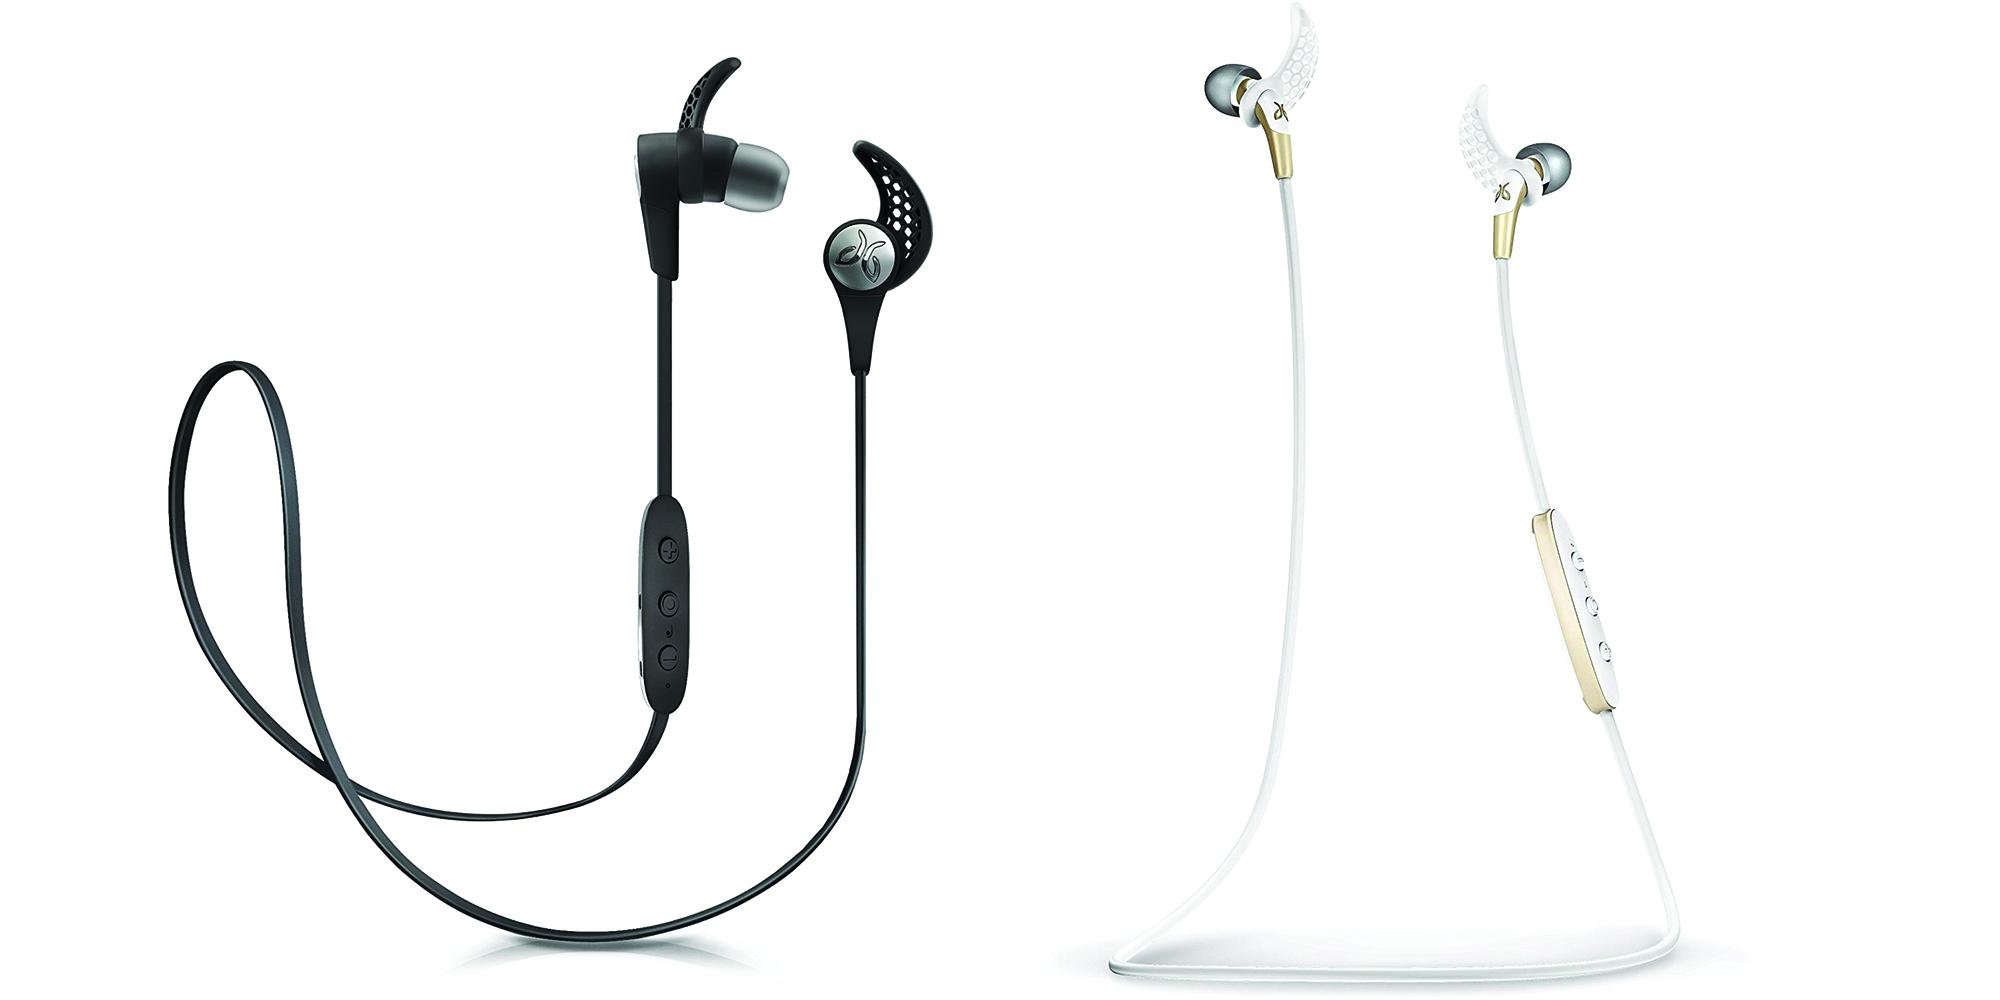 jaybird-x3-f5-headphones